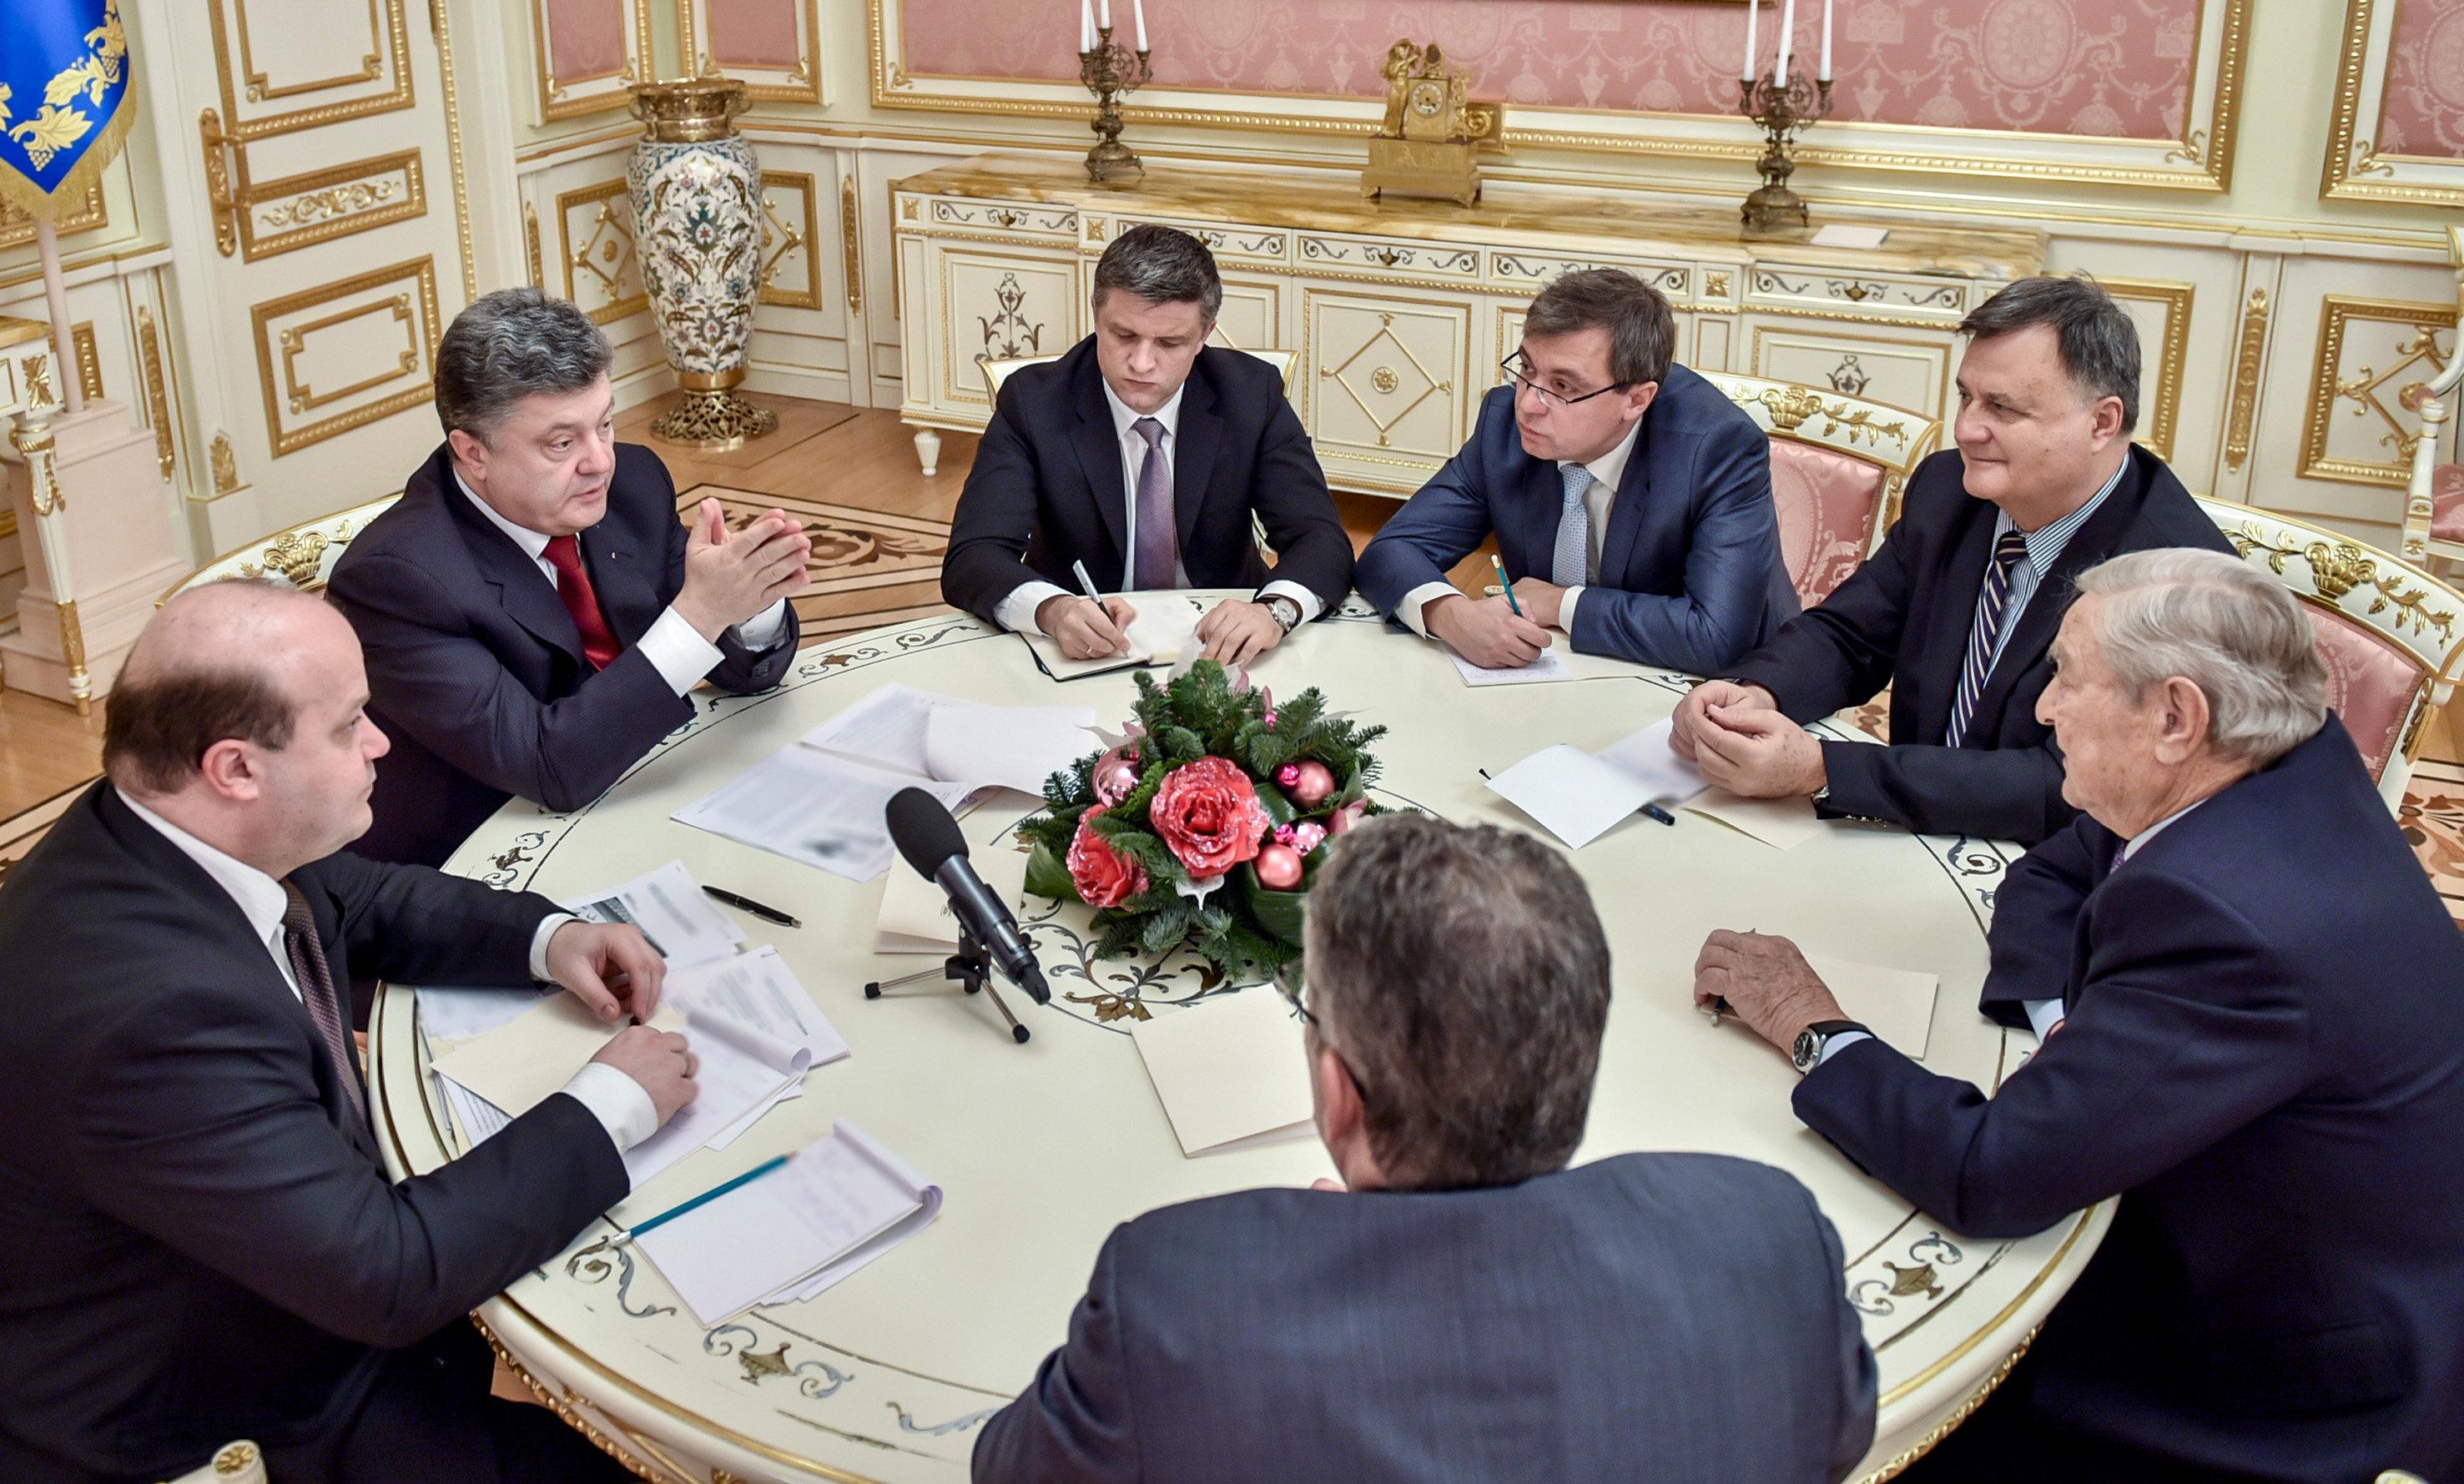 El actual presidente de Ucrania, Petro Poroshenko (segundo a la izquierda) y George Soros (a la derecha), fundador y presidente de Open Society Foundations, durante una reunión en Kiev, 13 de enero de 2015.